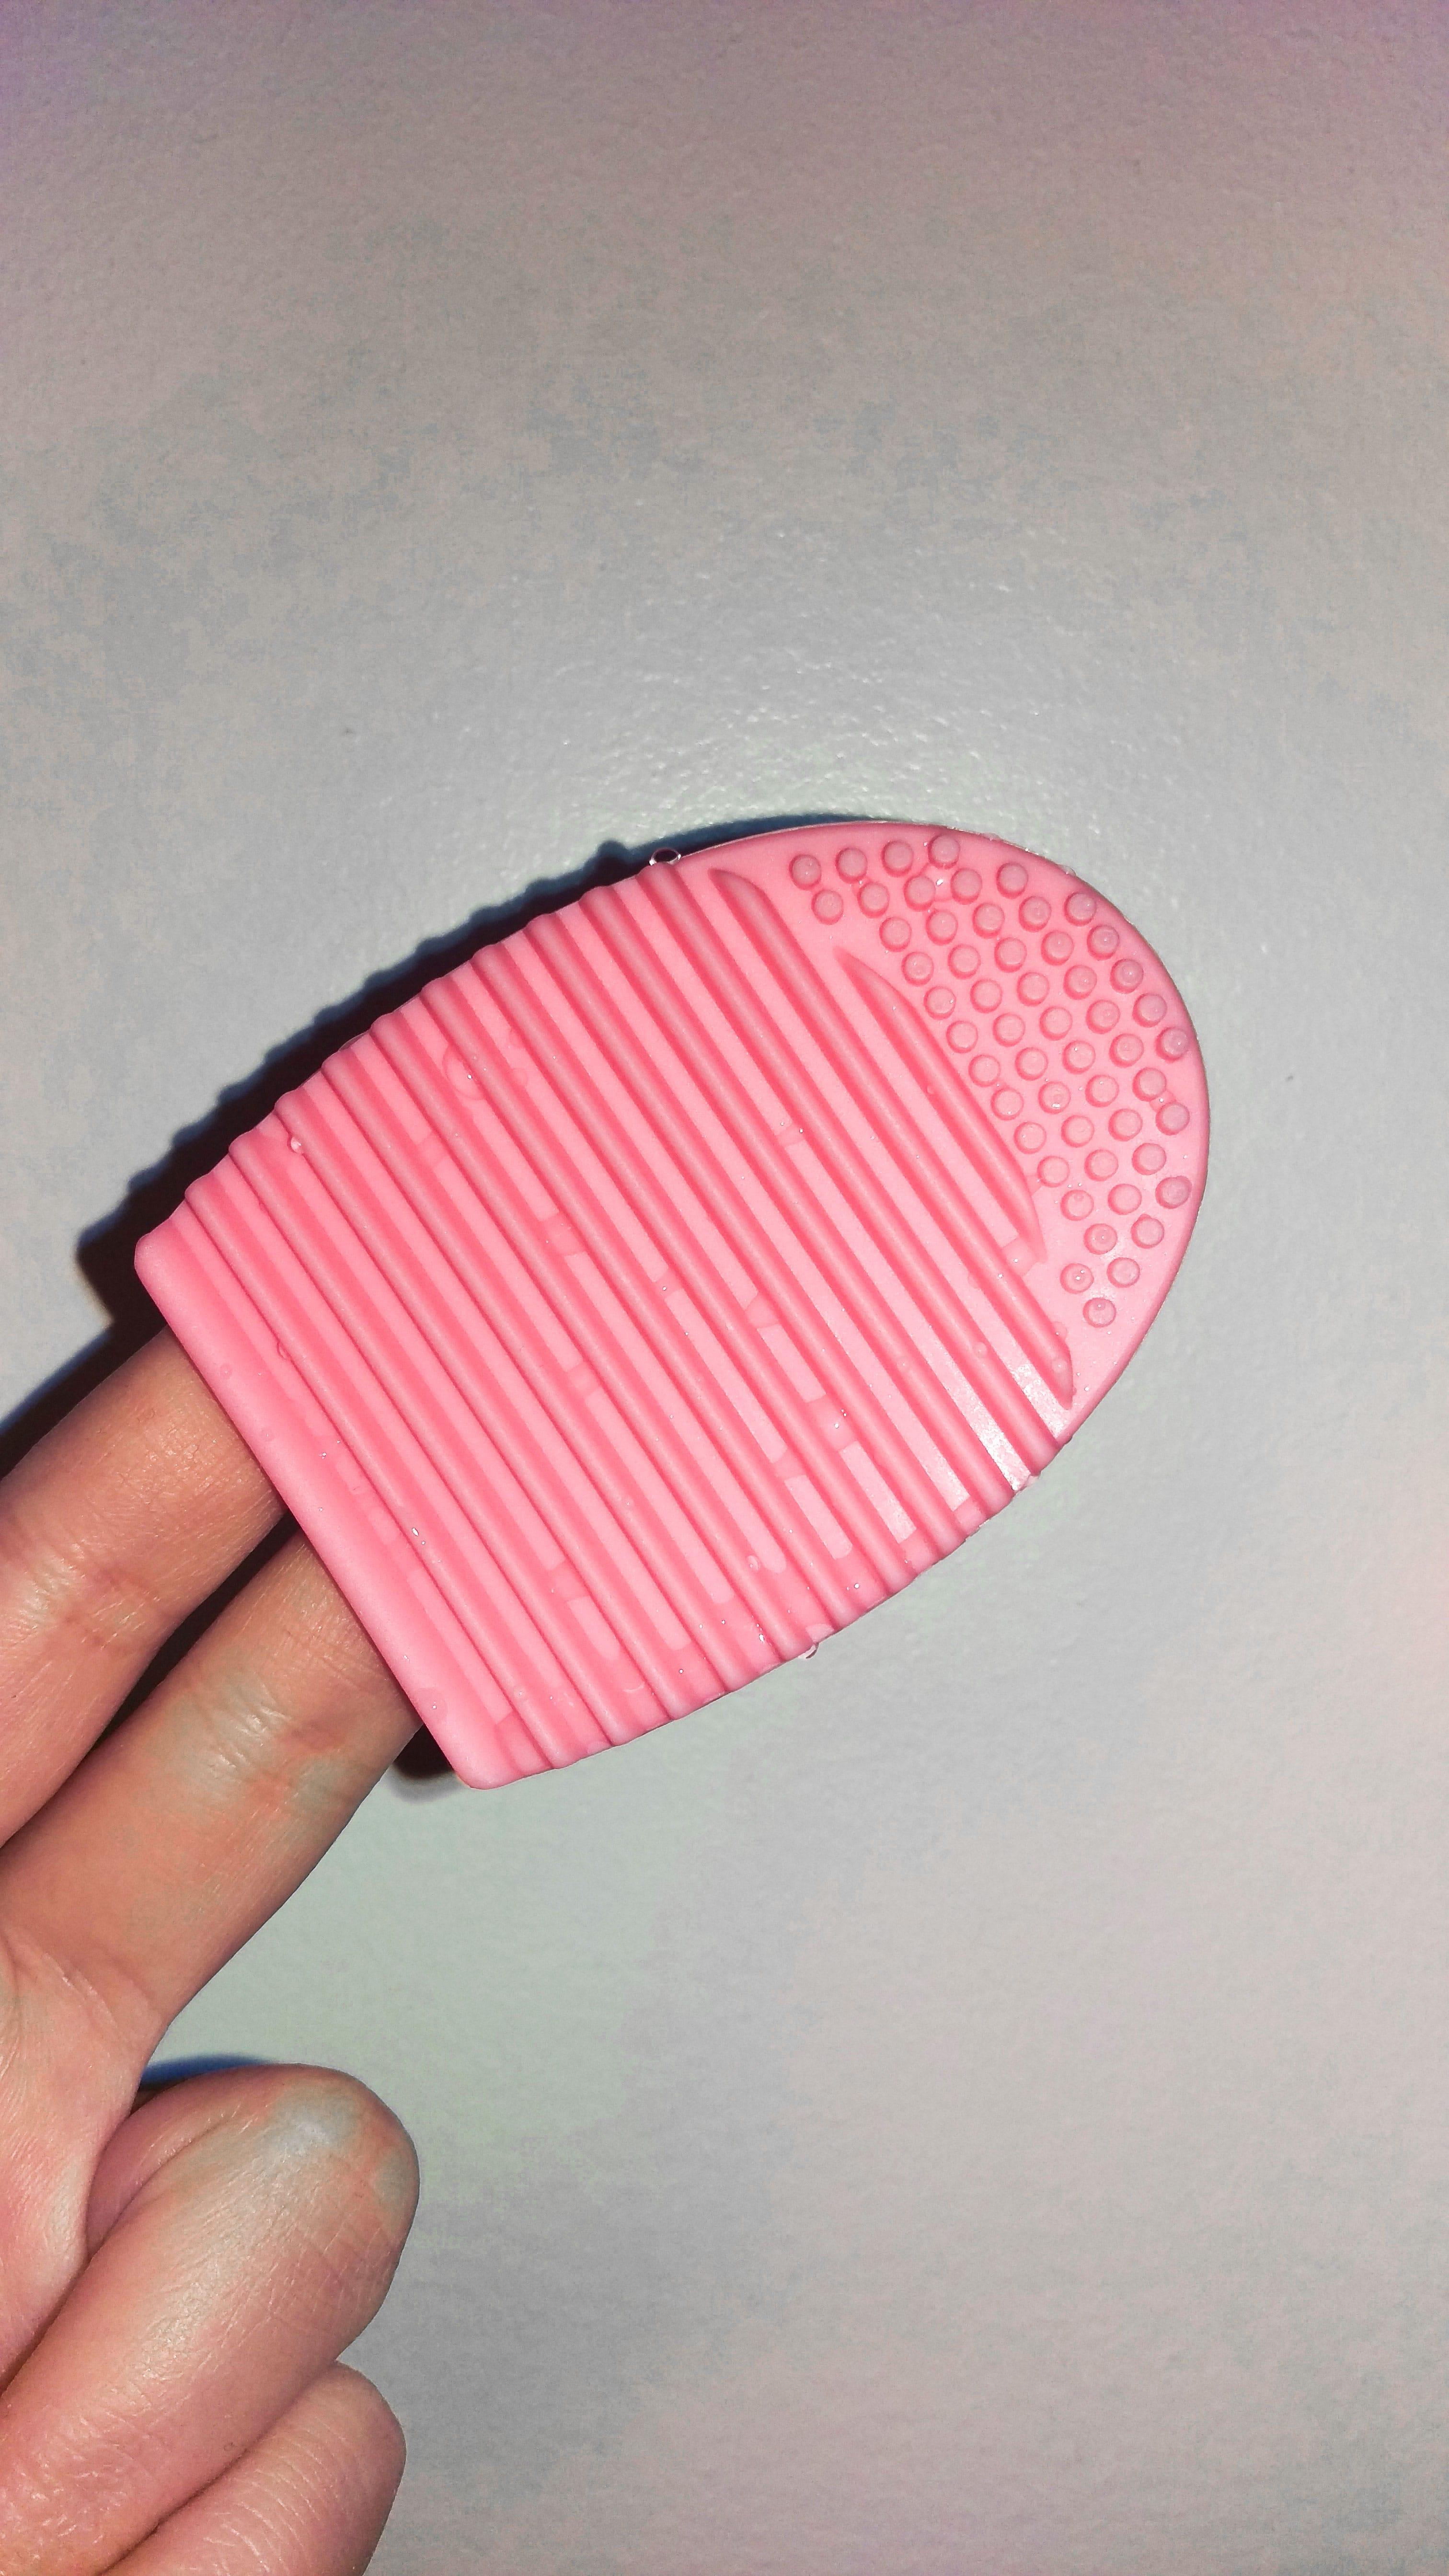 Rengøring af børste billede 2